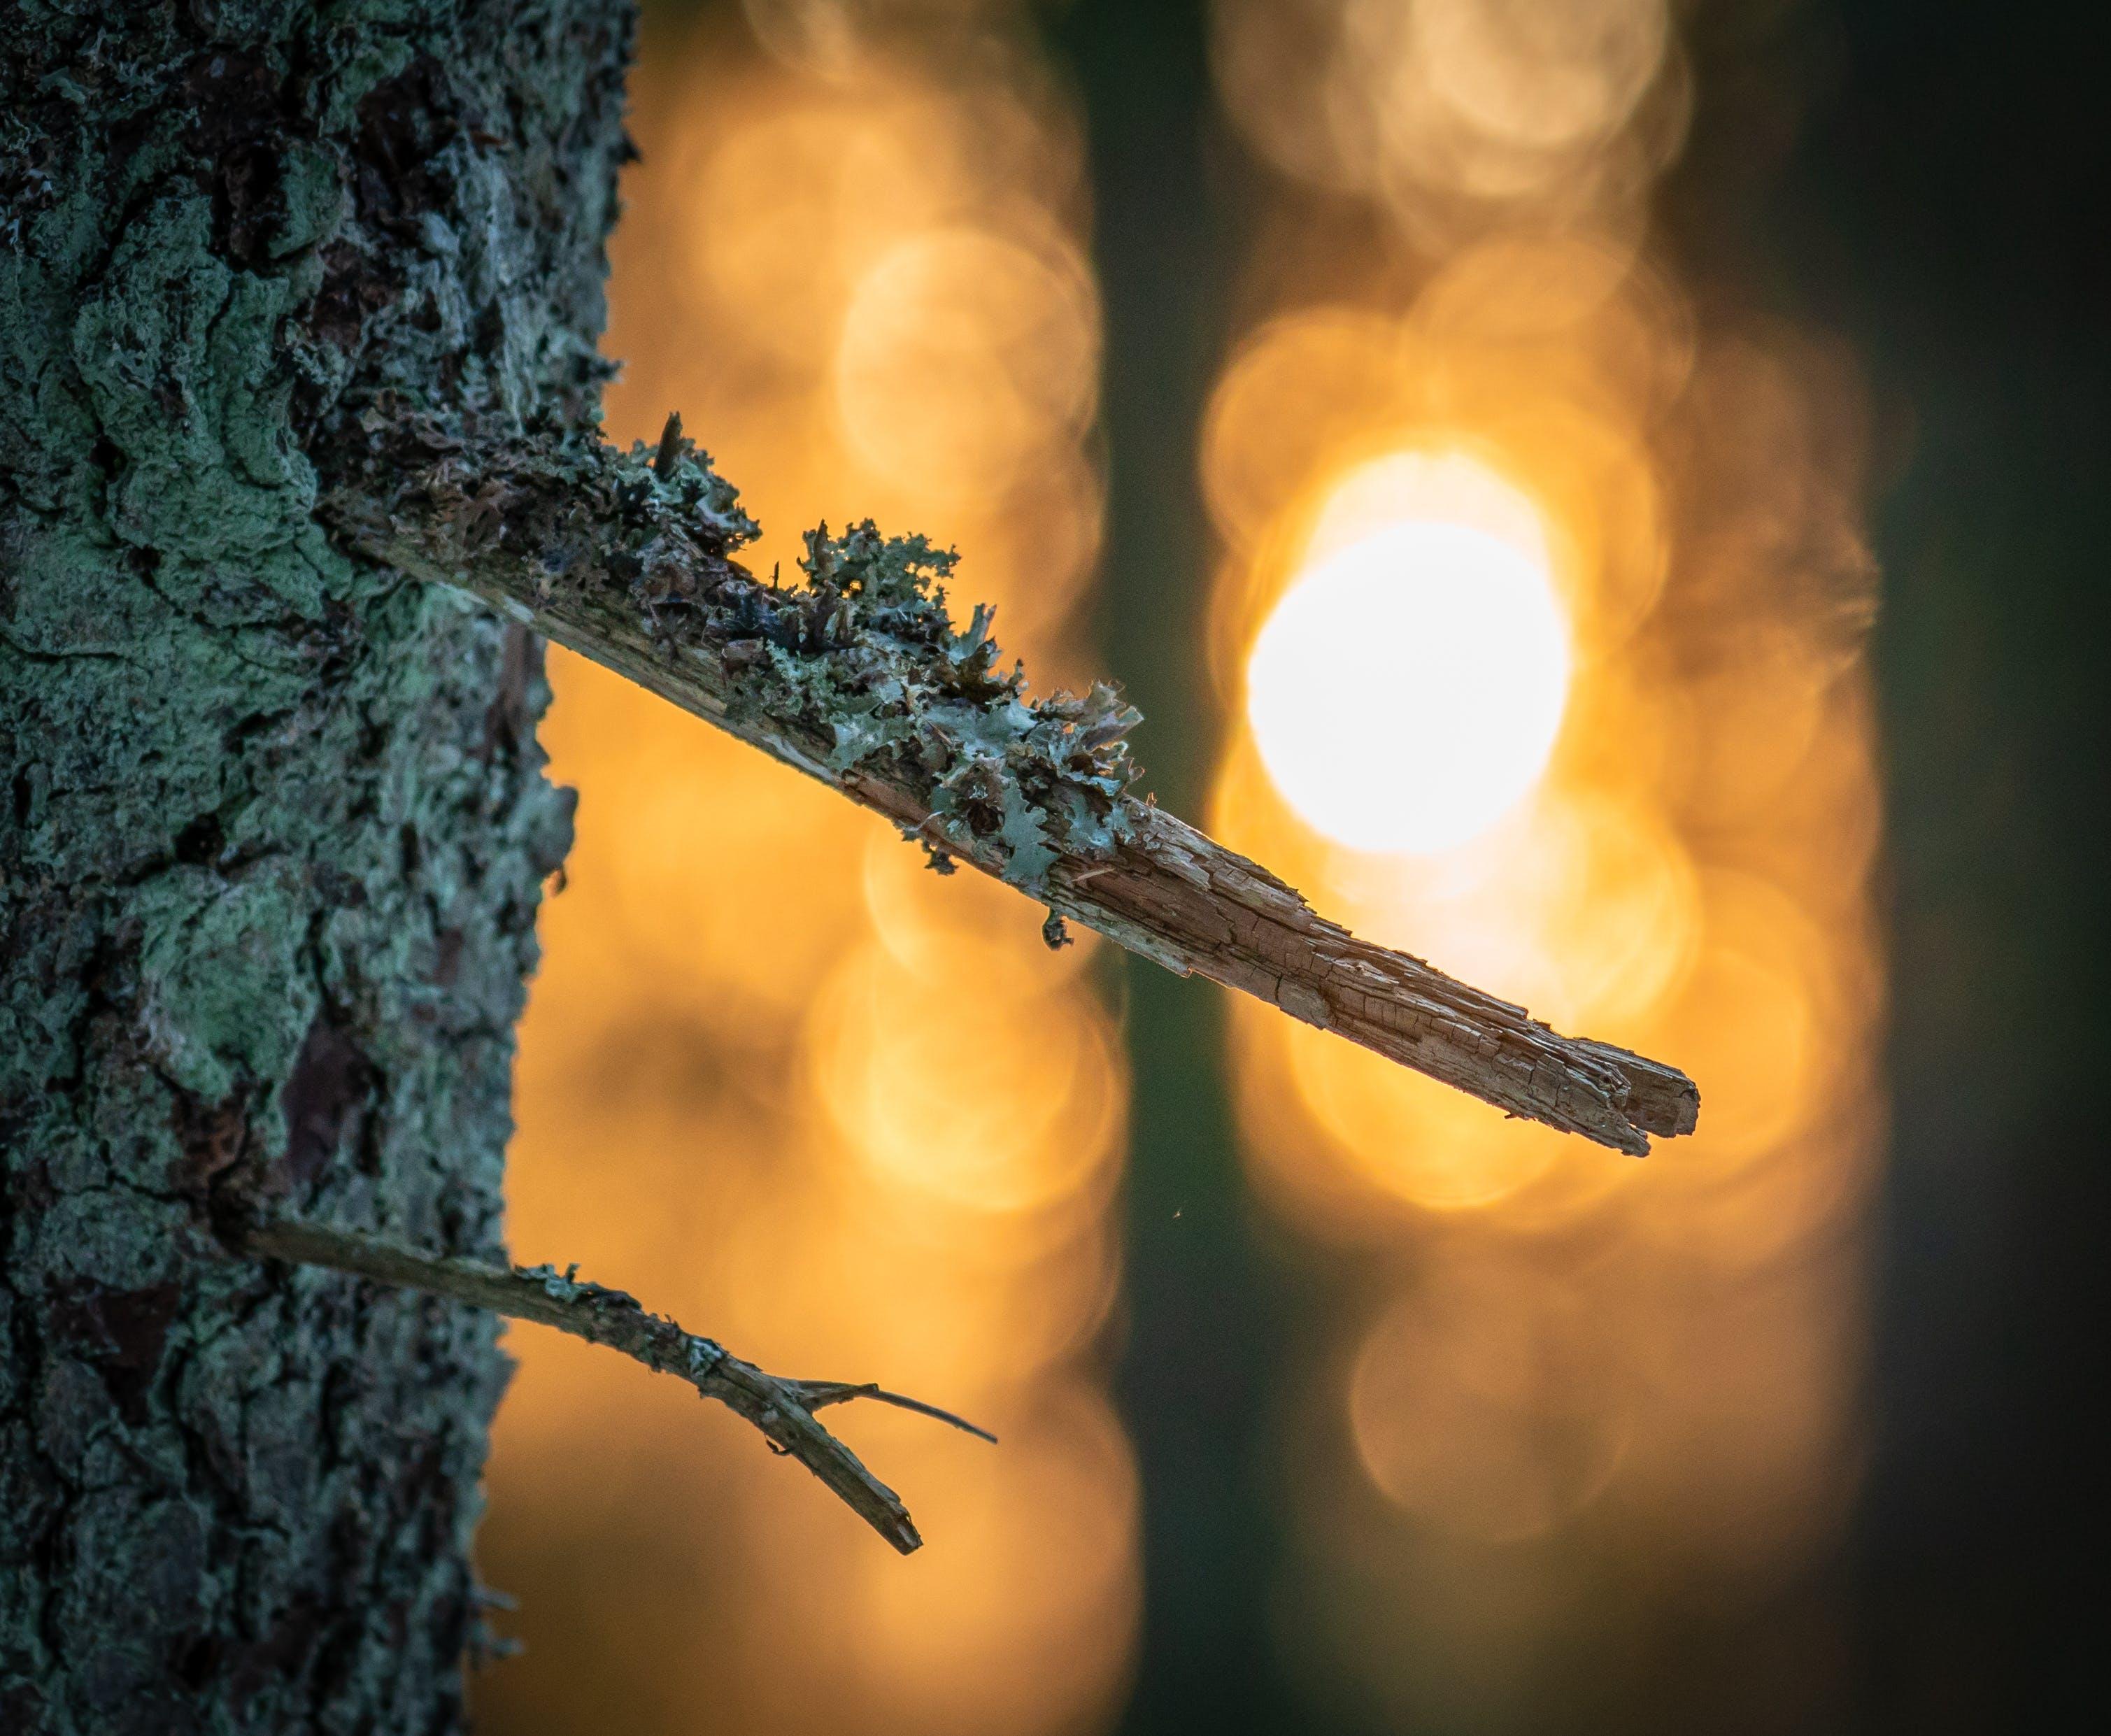 日落, 晚間, 森林, 樹 的 免費圖庫相片